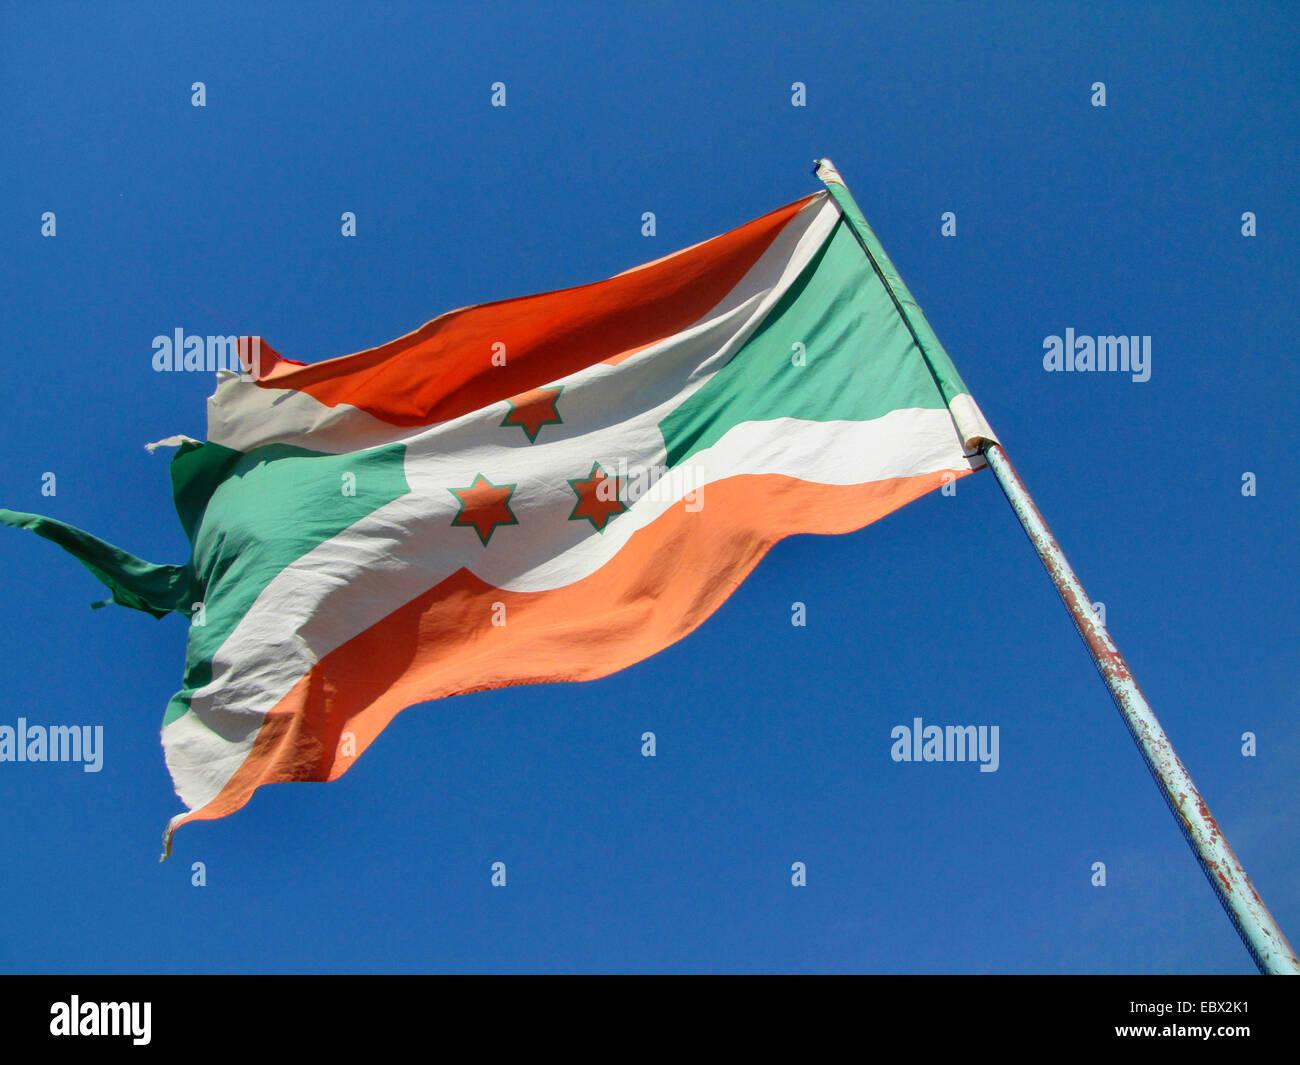 Bandera de Burundi dañados en los festejos por el Día Internacional de los Derechos Humanos (10 de diciembre de 2009), celebrado conjuntamente por el Gobierno de Burundi y la Oficina Integrada de la ONU en Burundi, Burundi, Bujumbura rural, Kabezi Foto de stock